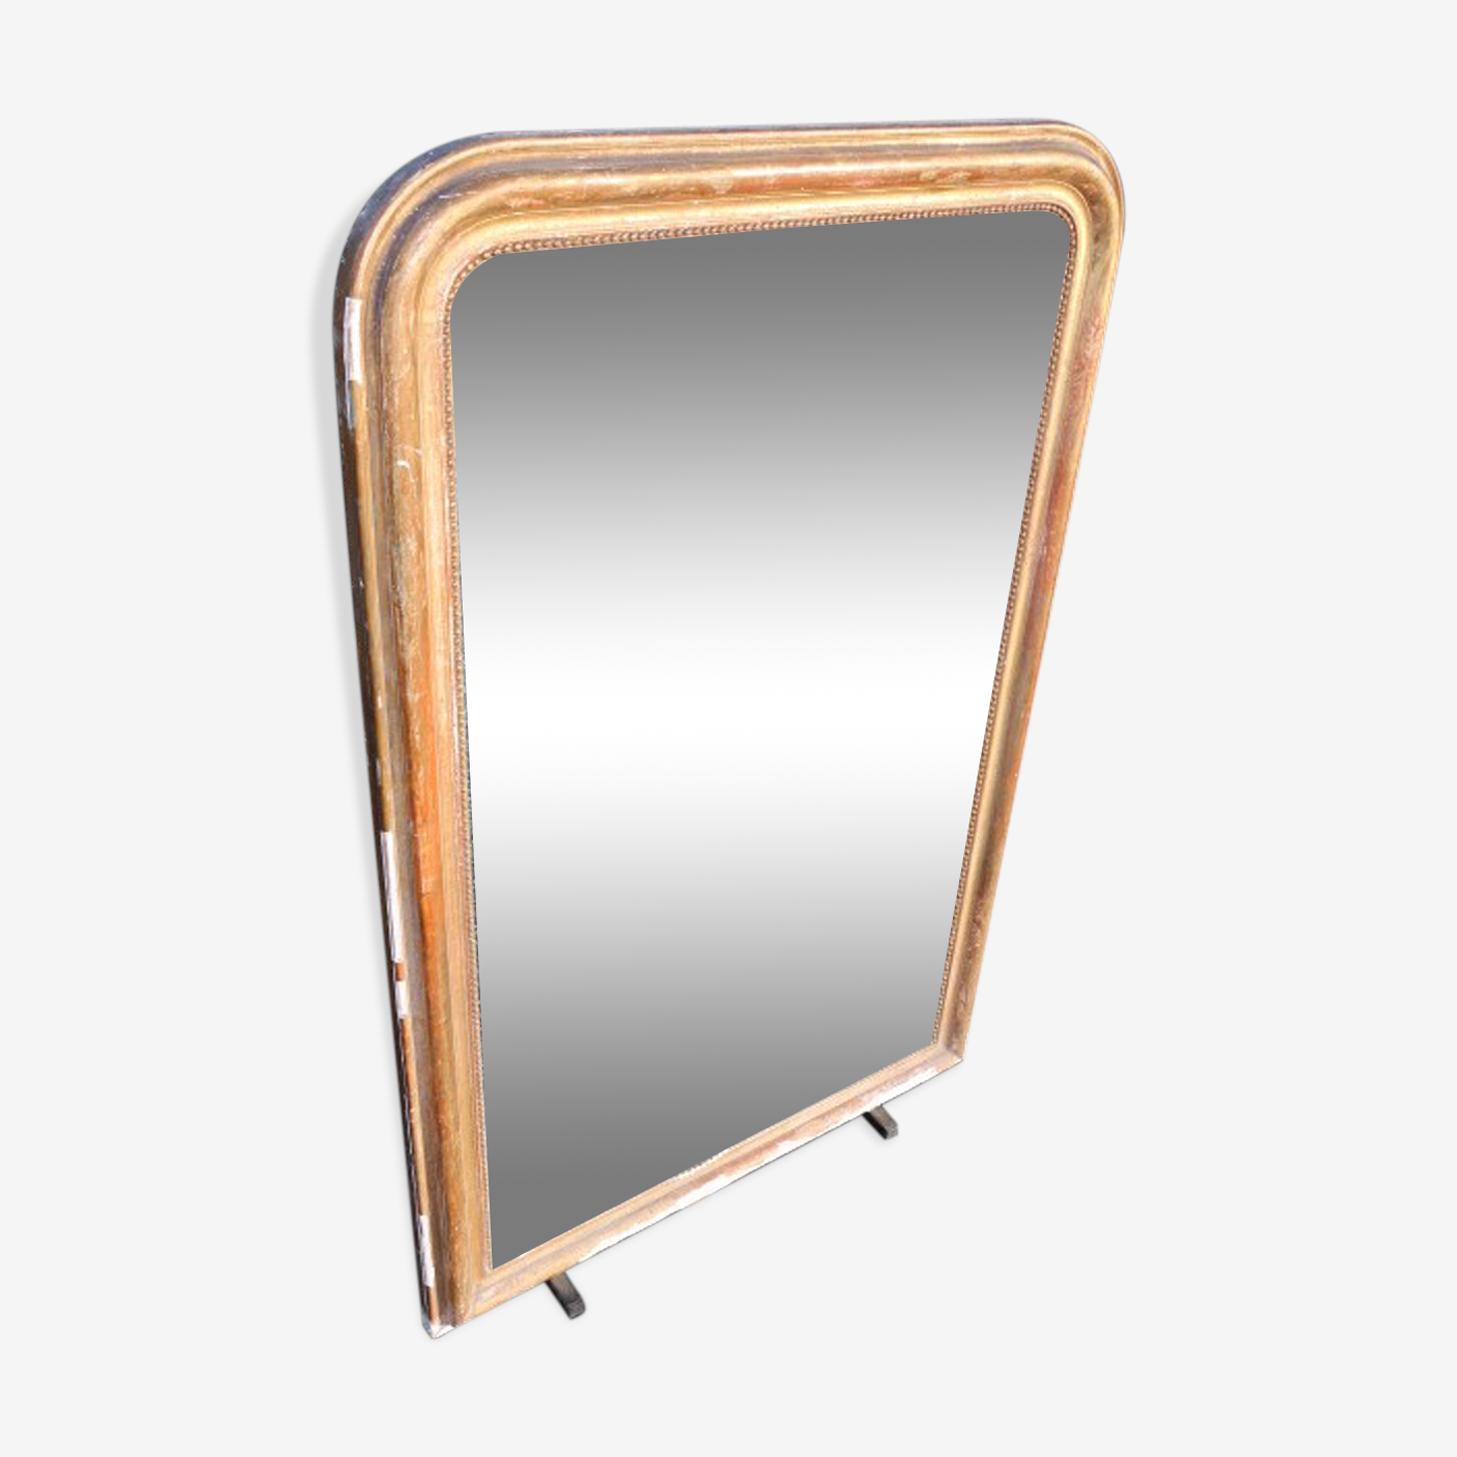 Miroir doré ancien 140x94cm